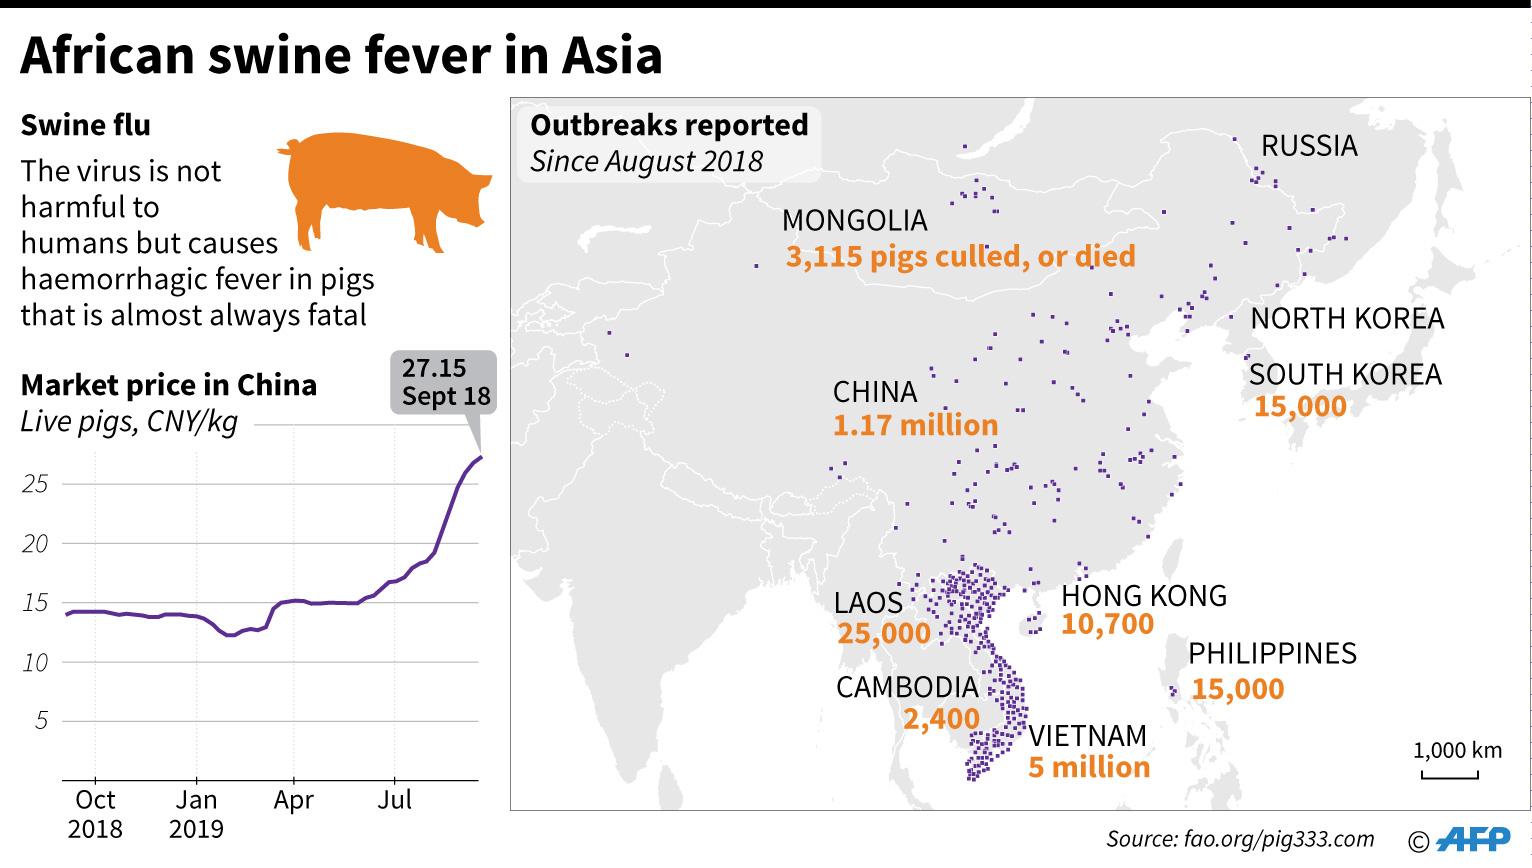 خارطة تظهر مناطق انتشار فيروس حمى الخنازير الأفريقية حول العالم